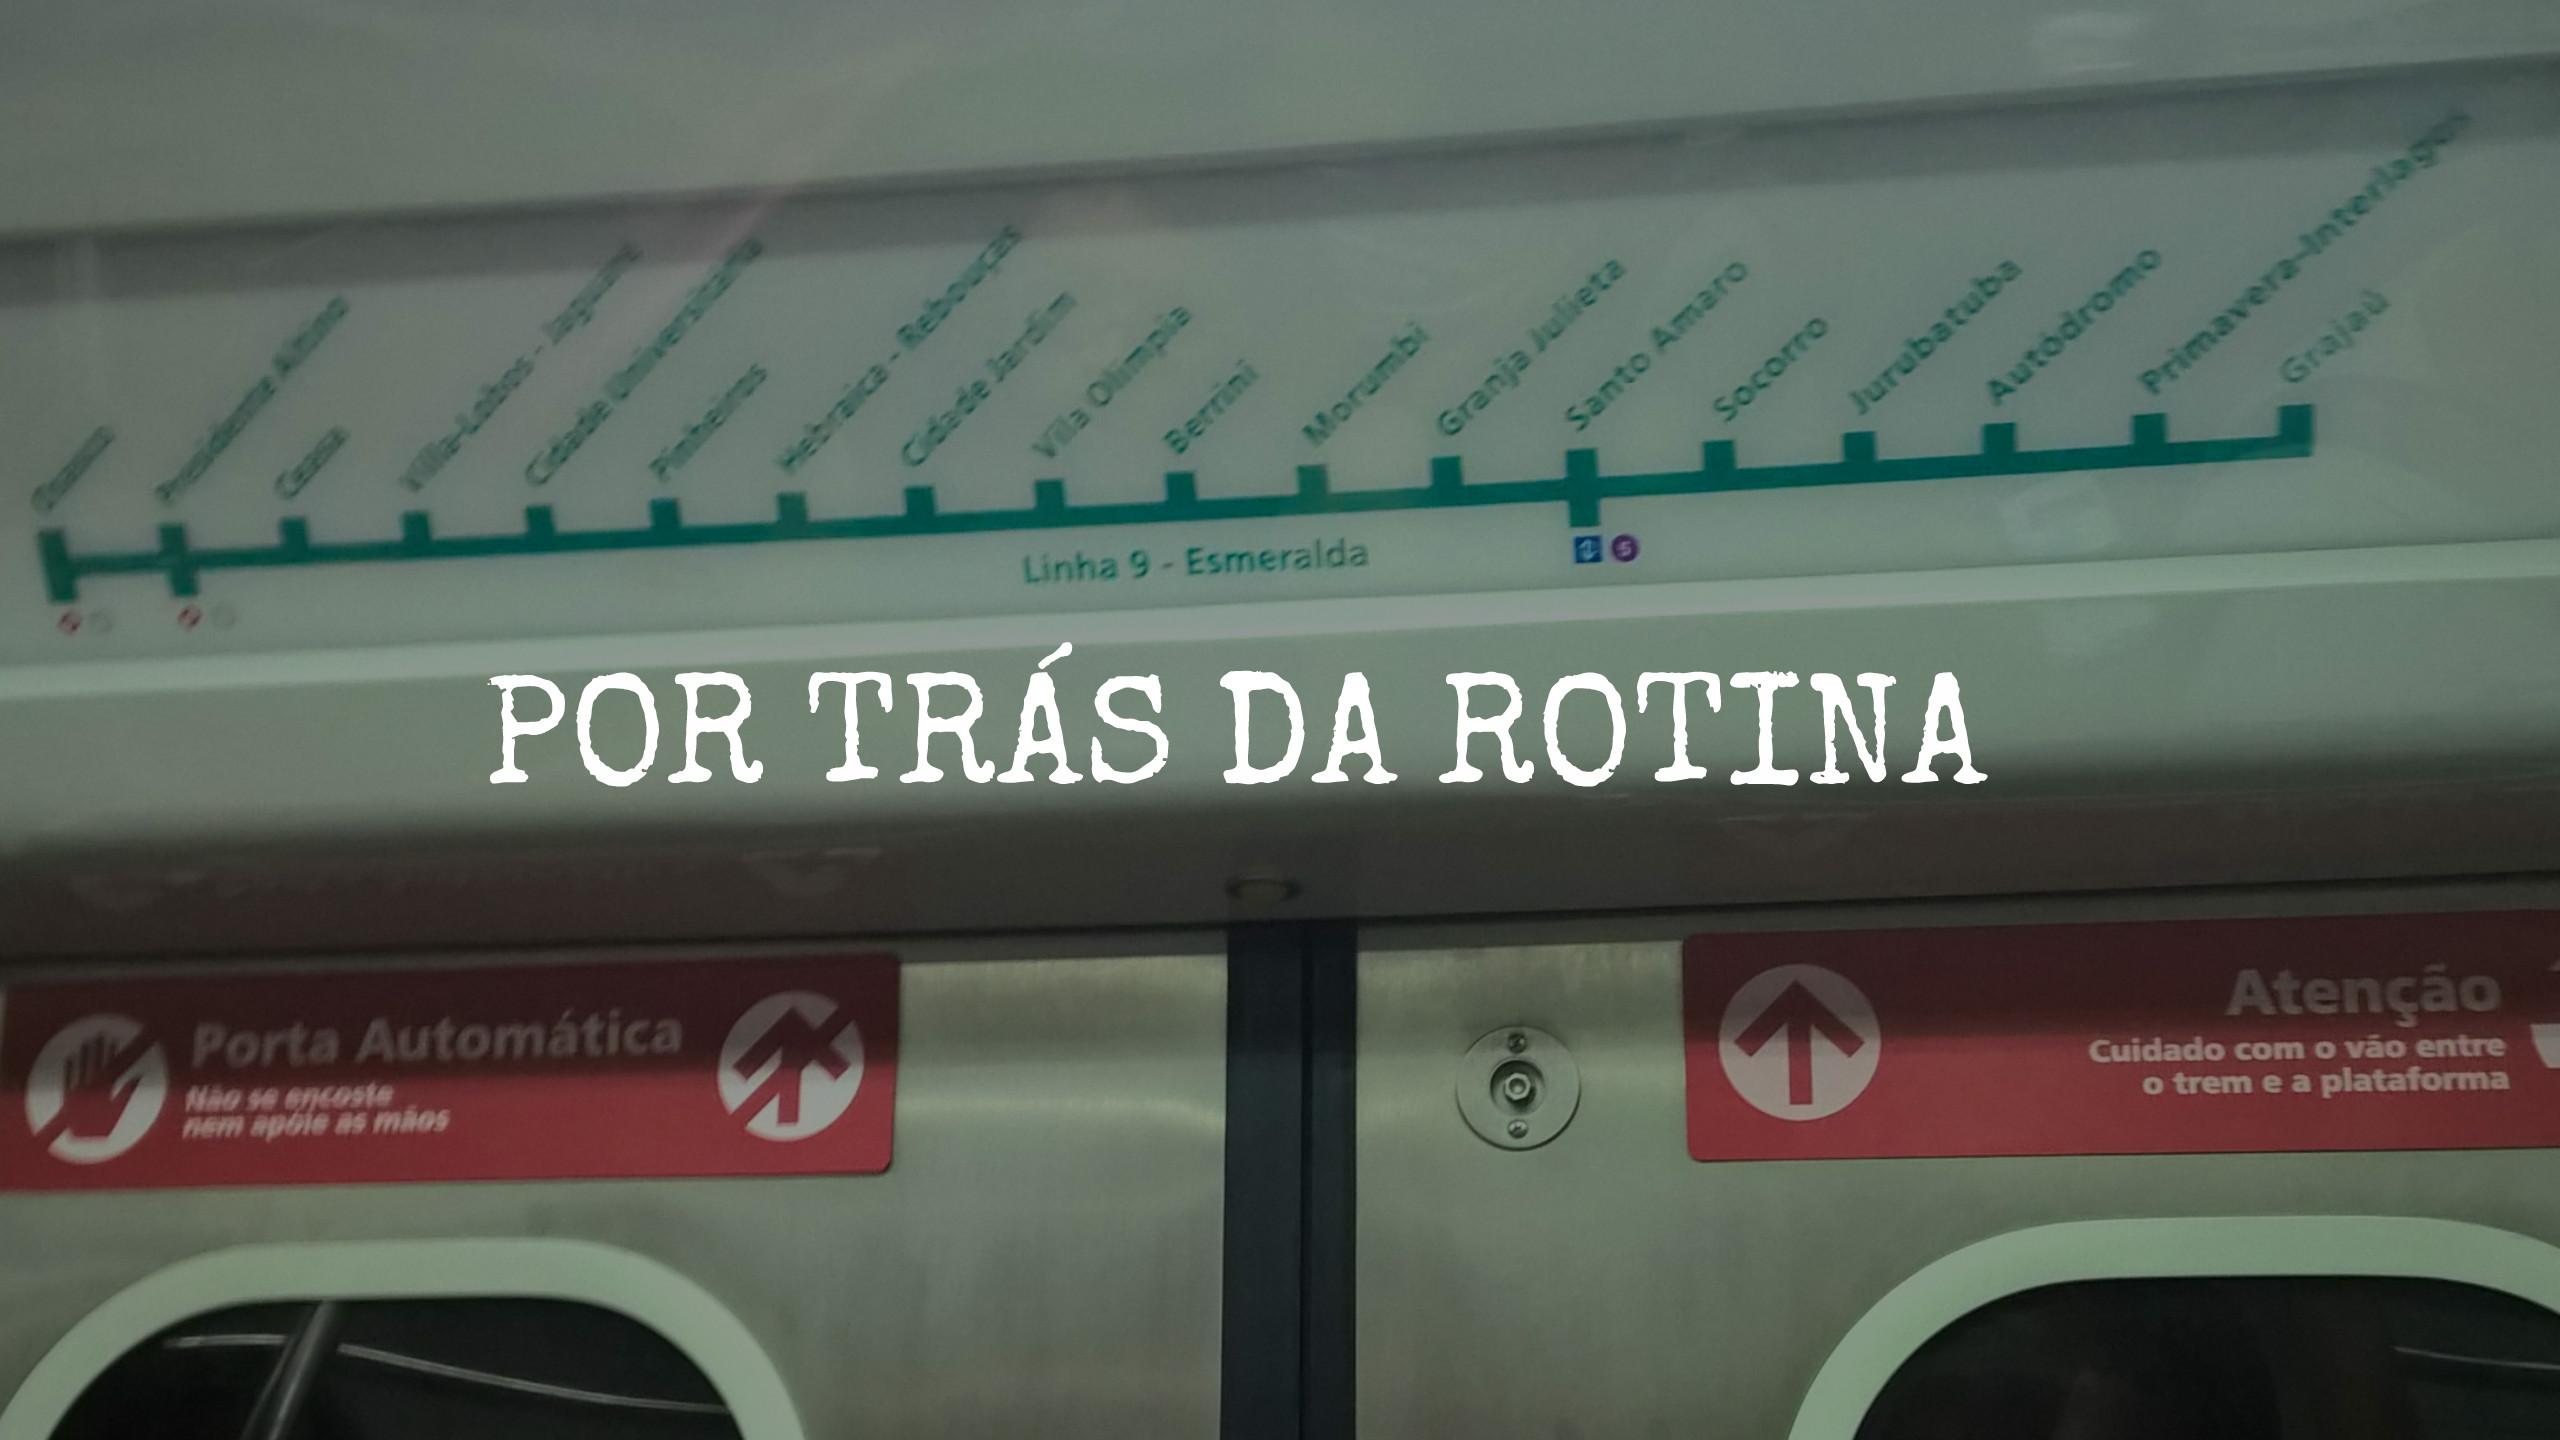 Linha 9 Esmeralda